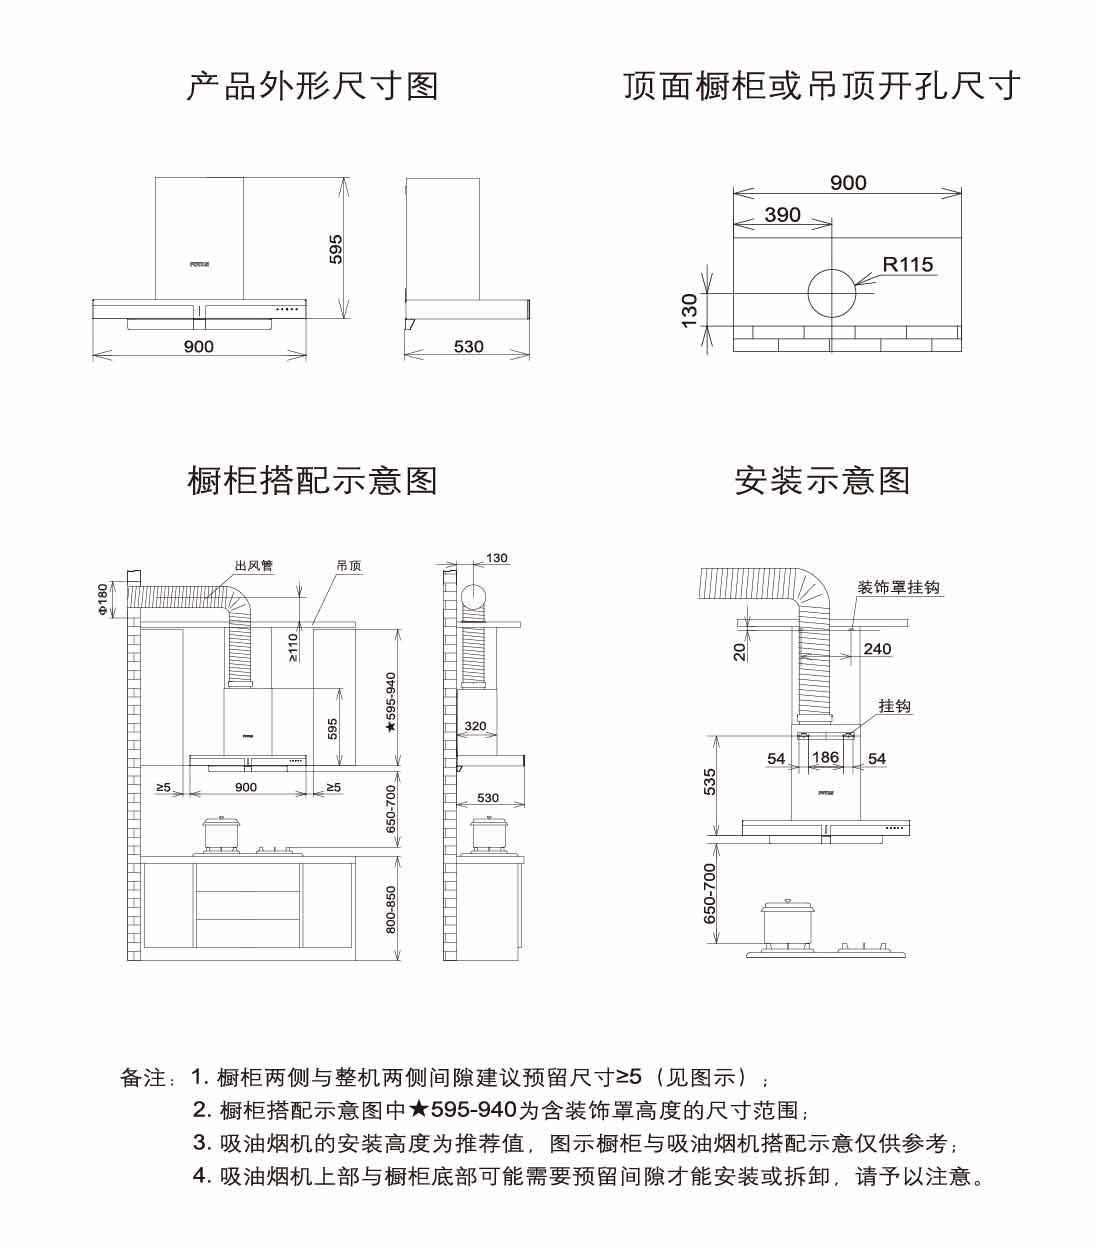 彩28彩票CXW-200-EM25E装置表示图